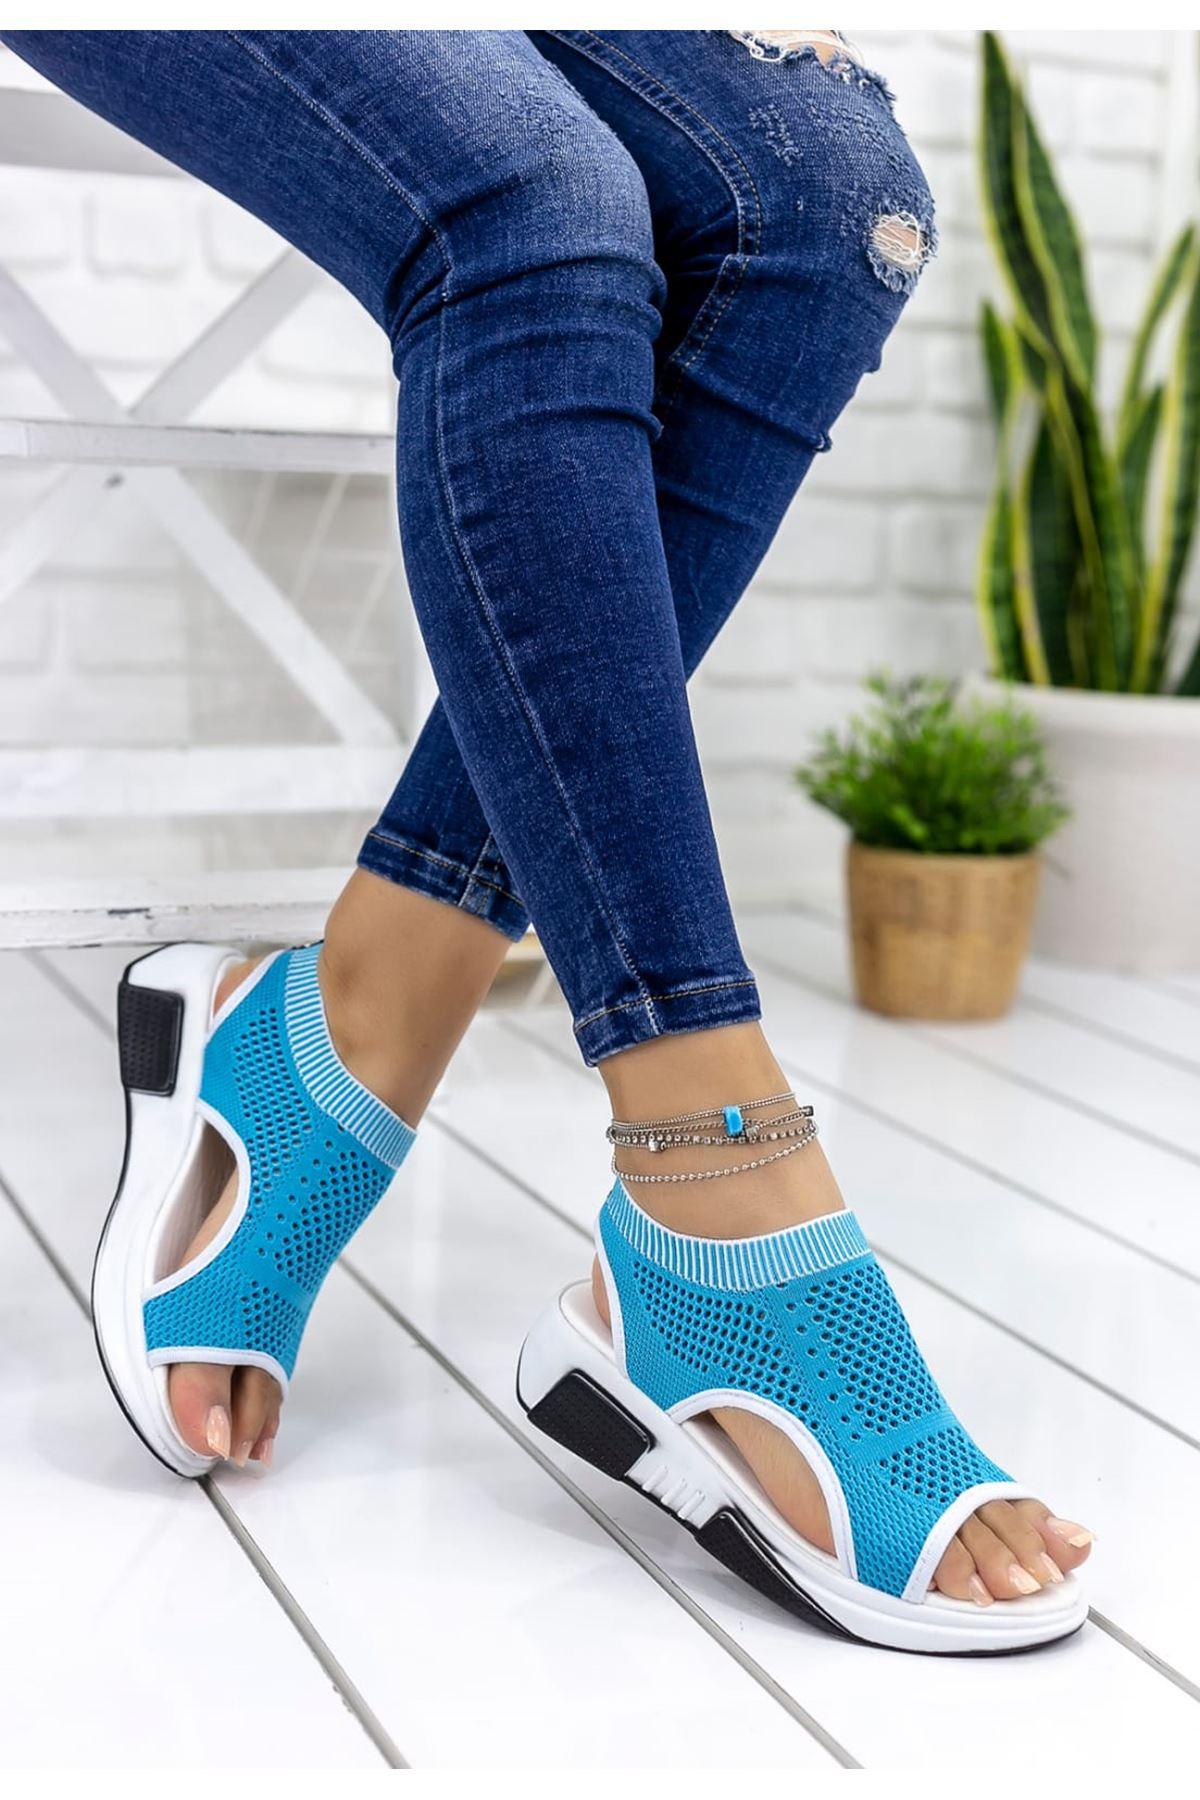 Ashley Çelik Örgü Detay Triko Sandalet Mavi